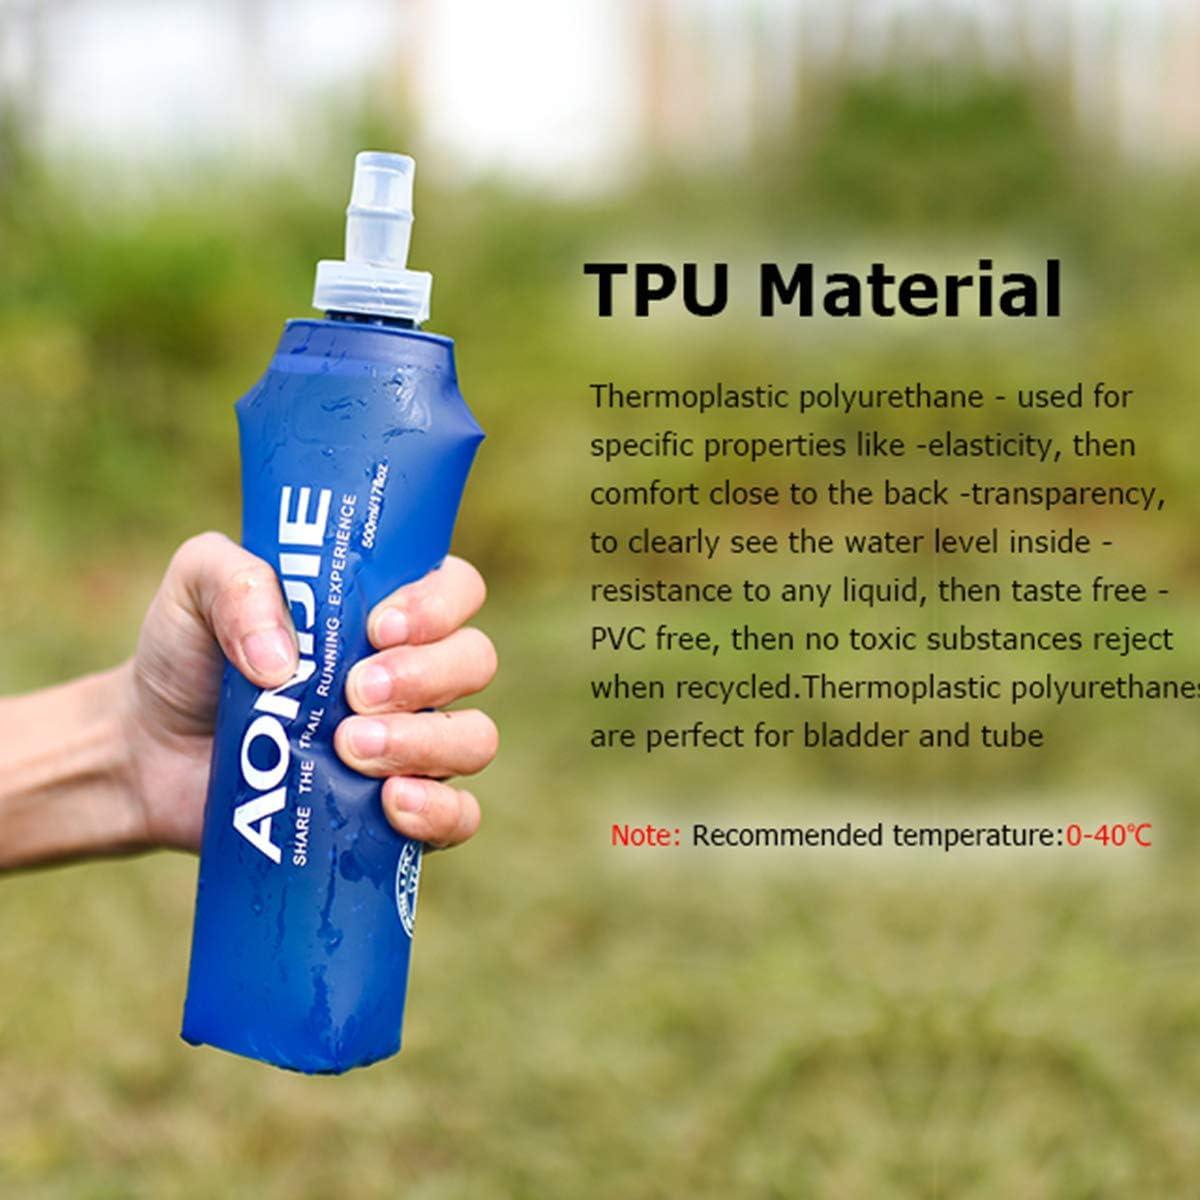 AONIJIE 250ML Folding Bottle, Aonijie, Aonijie Malaysia, Aonijie Folding Bottle, Aonijie Hydration Bladder, Aonijie Running Foldable Water Bottle